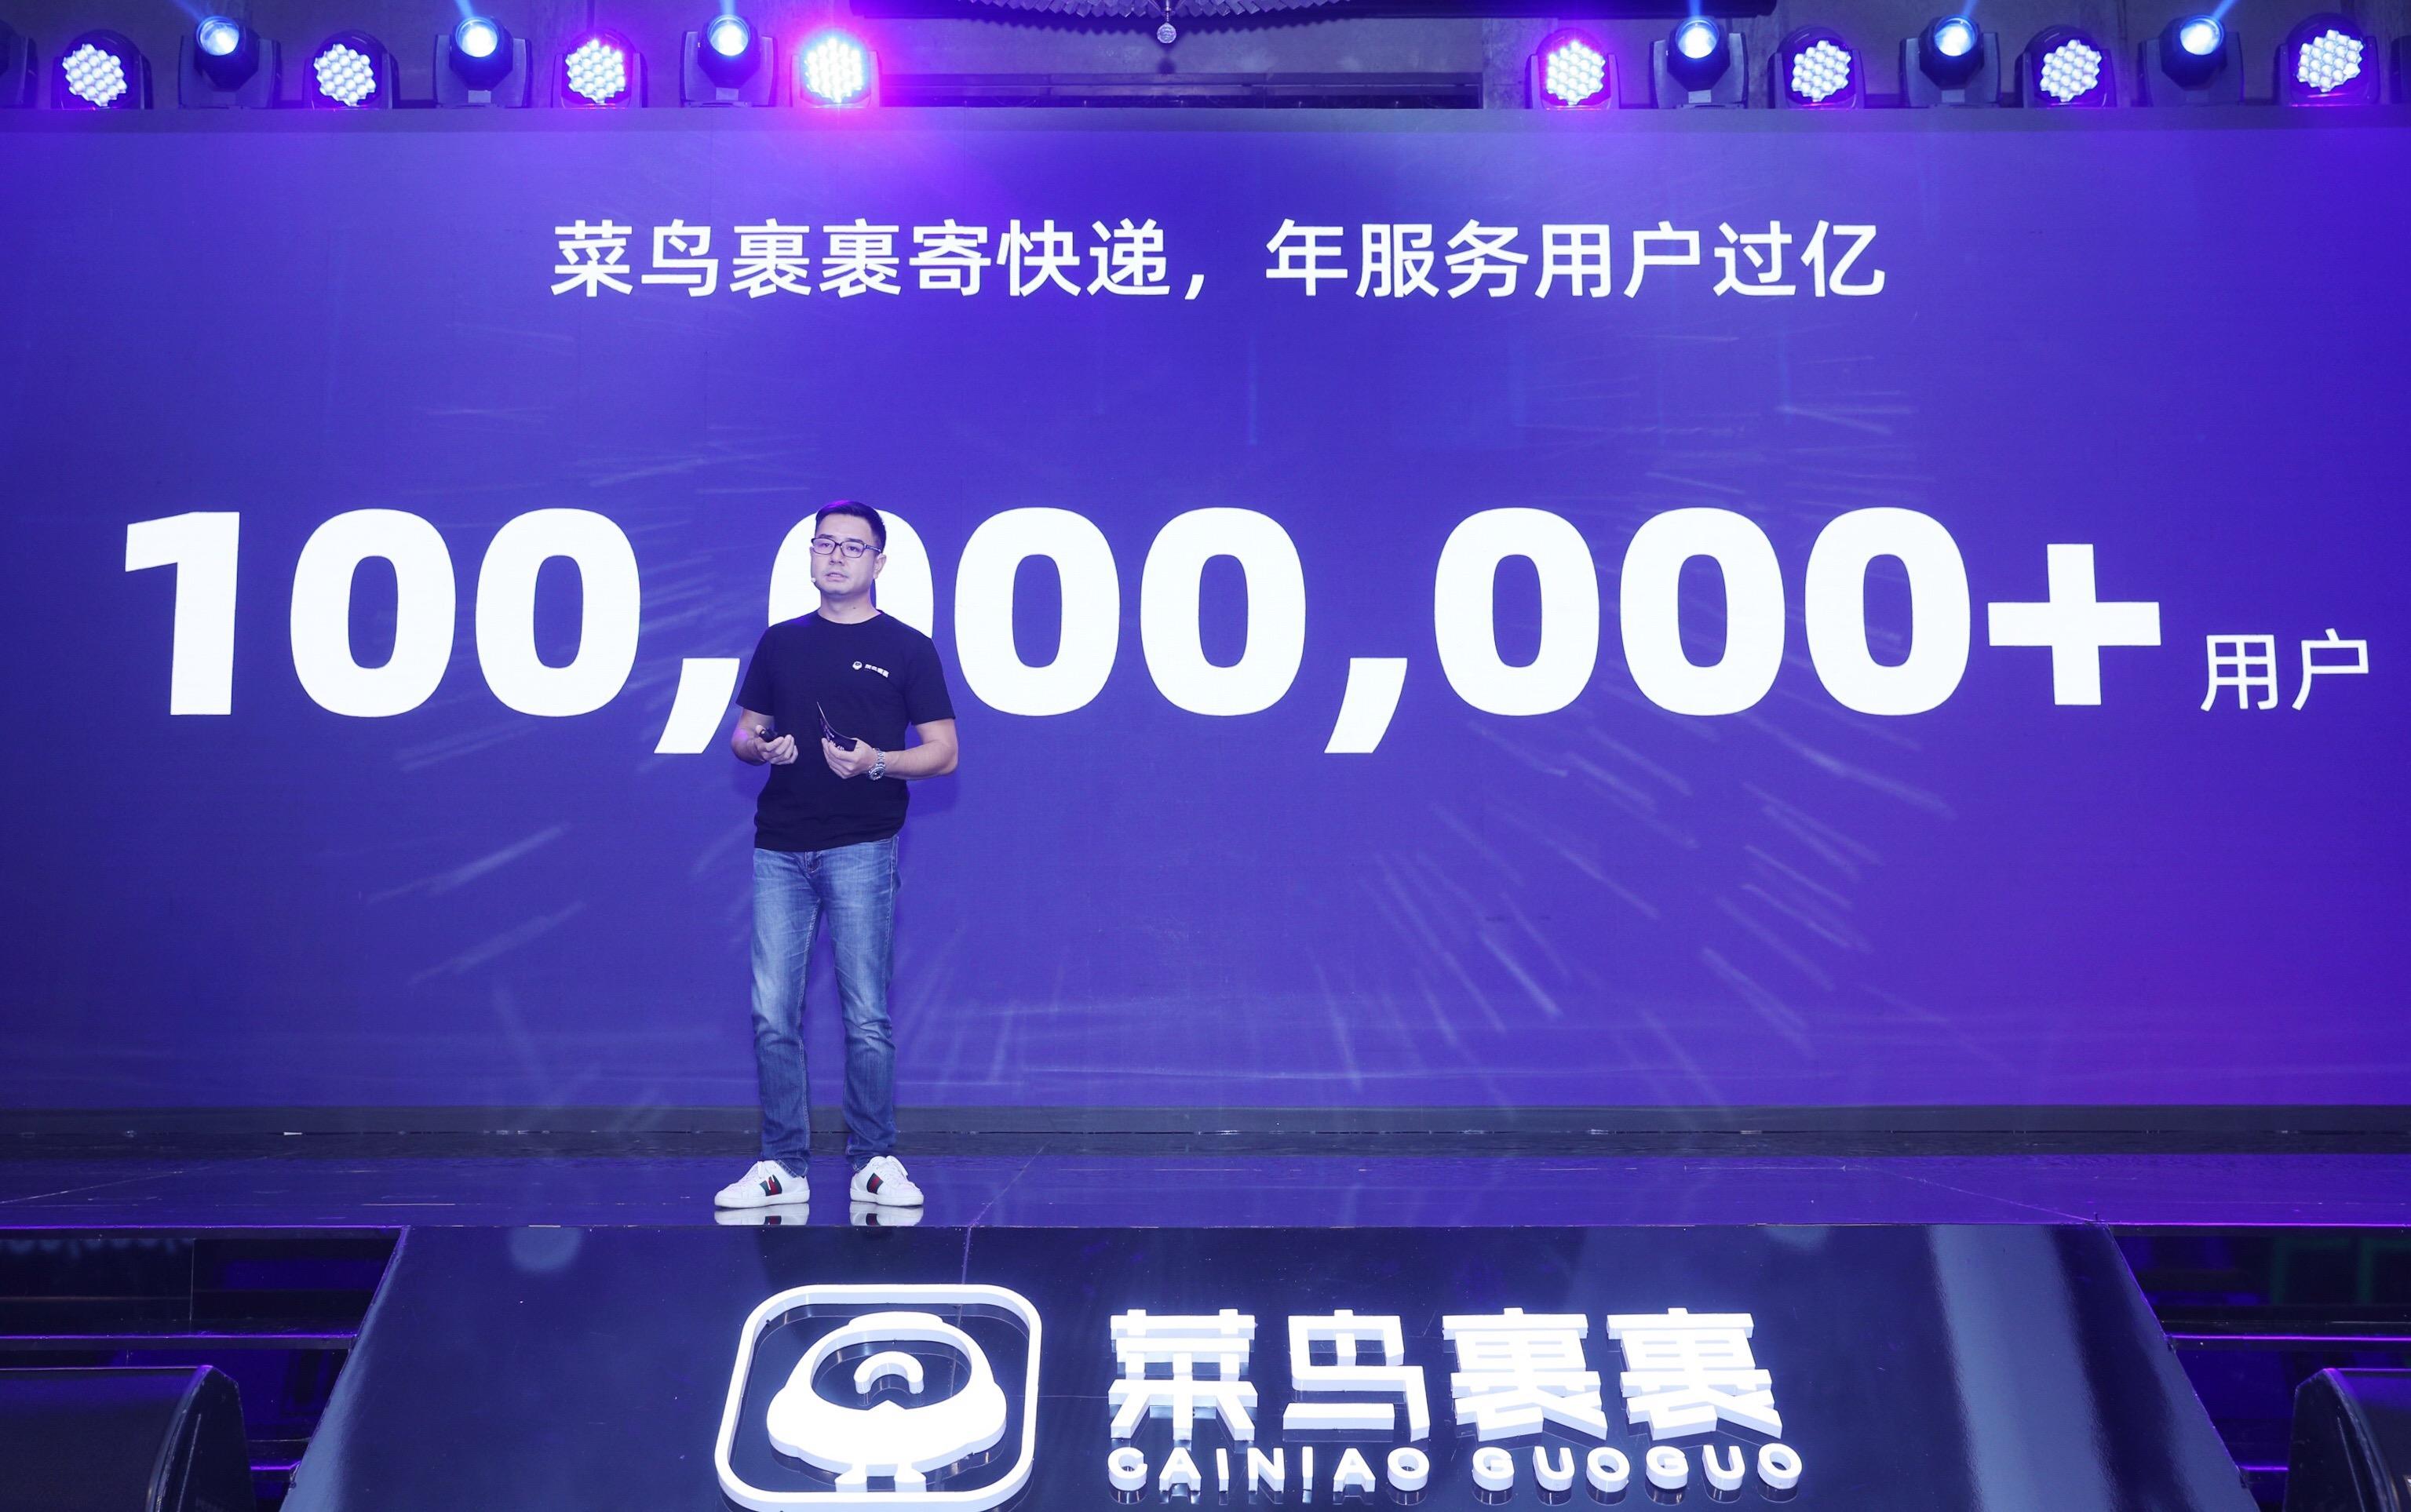 菜鸟裹裹寄快递年用户超1亿,成为最大在线寄件平台